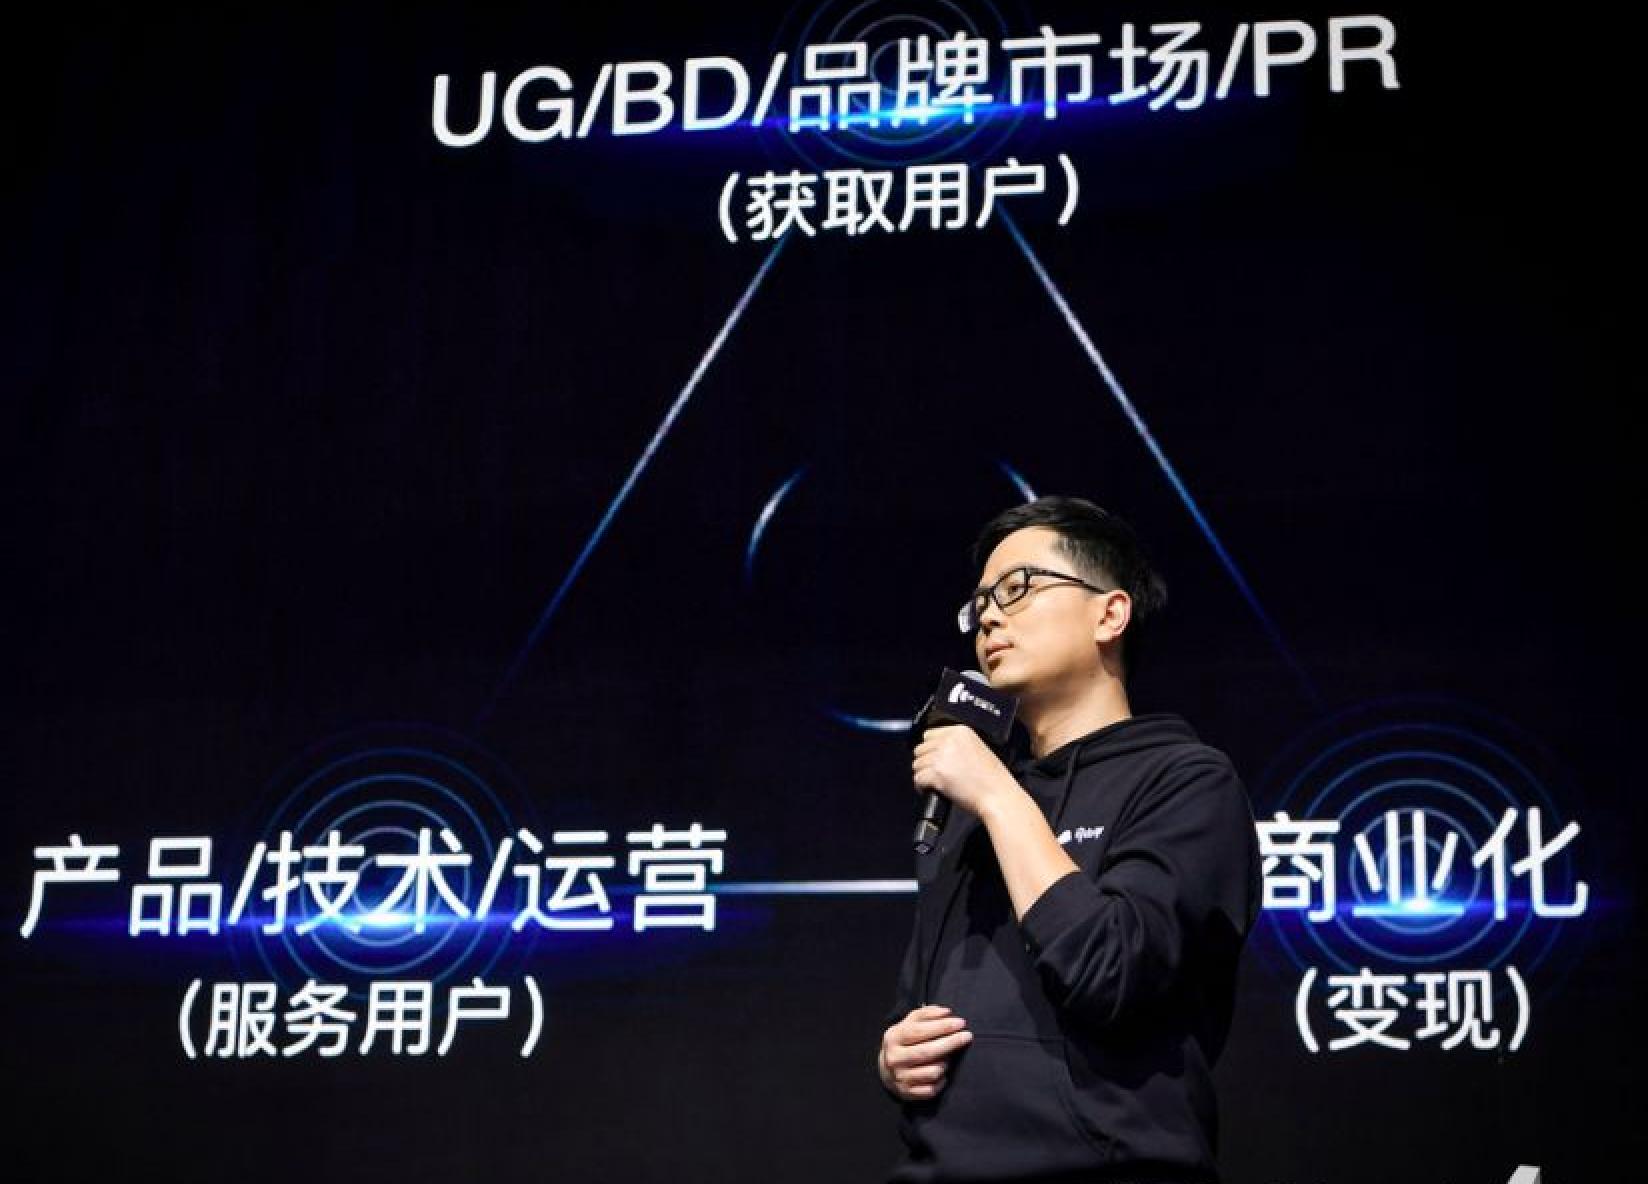 """字节跳动如何看增长?刘思齐分享数字广告新趋势发布全新商业化品牌""""巨量引擎"""""""